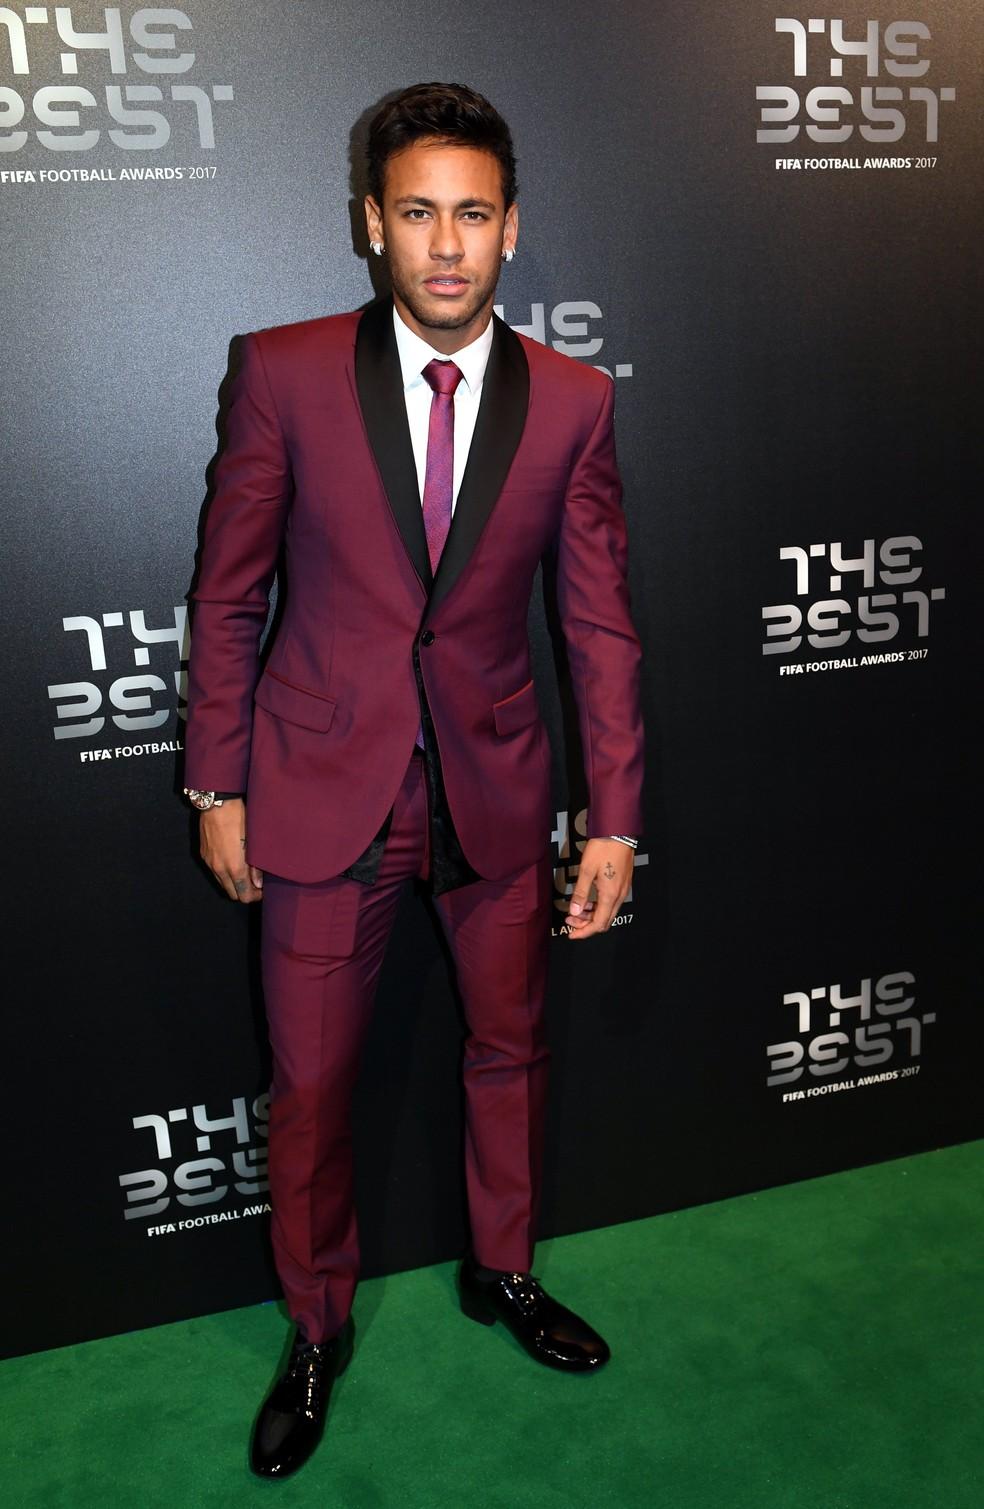 Neymar ficou em terceiro lugar pela segunda vez em três anos (Foto: EFE)